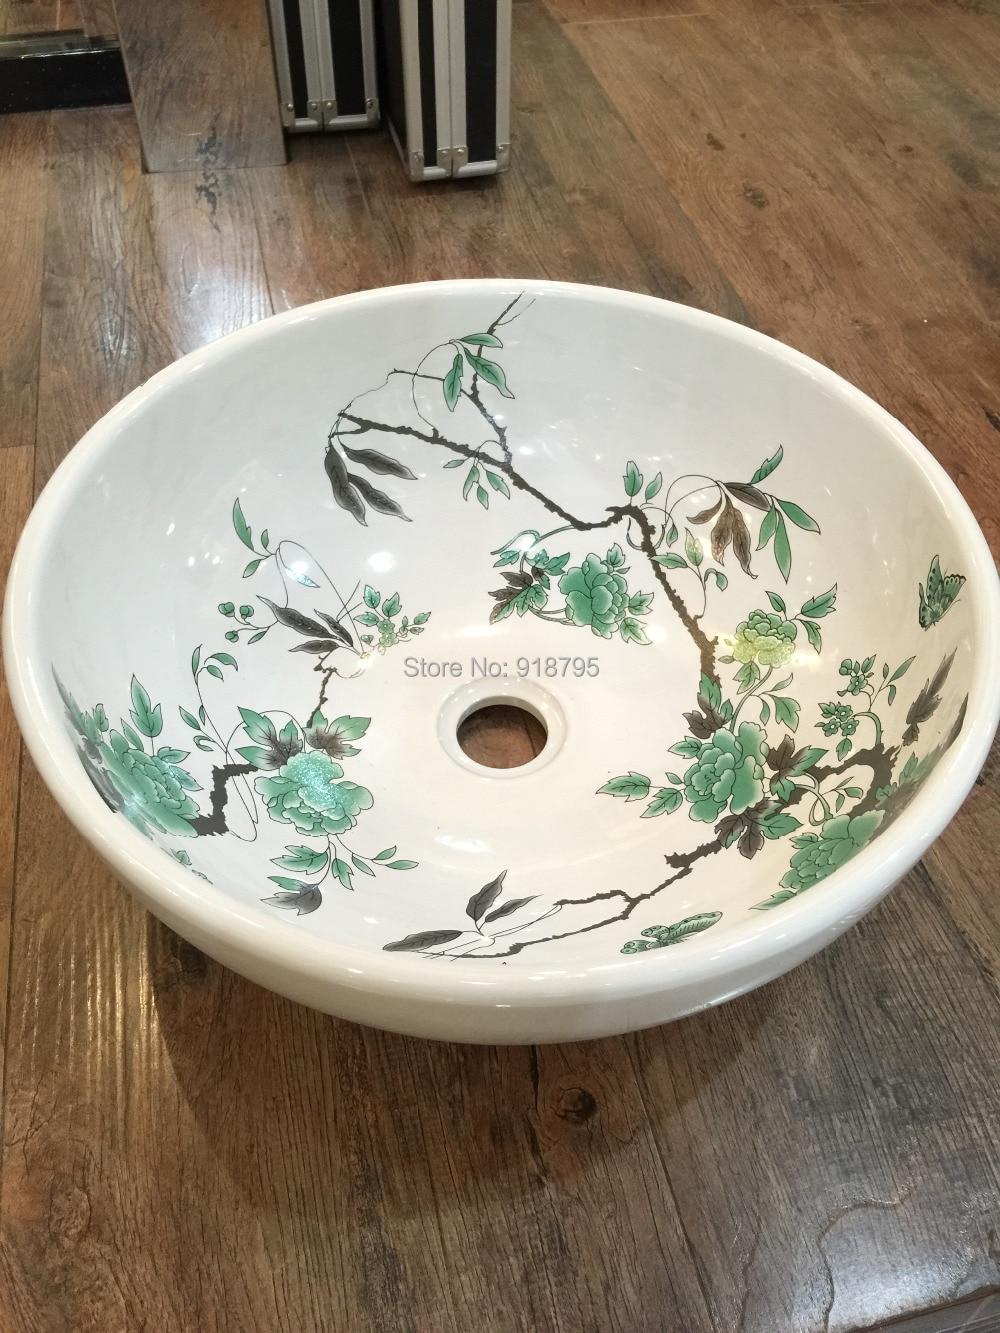 Porcelaine ronde salle de bains au-dessus du comptoir Lavabo vestiaire comptoir en céramique évier cuve Lavabo bol JY896